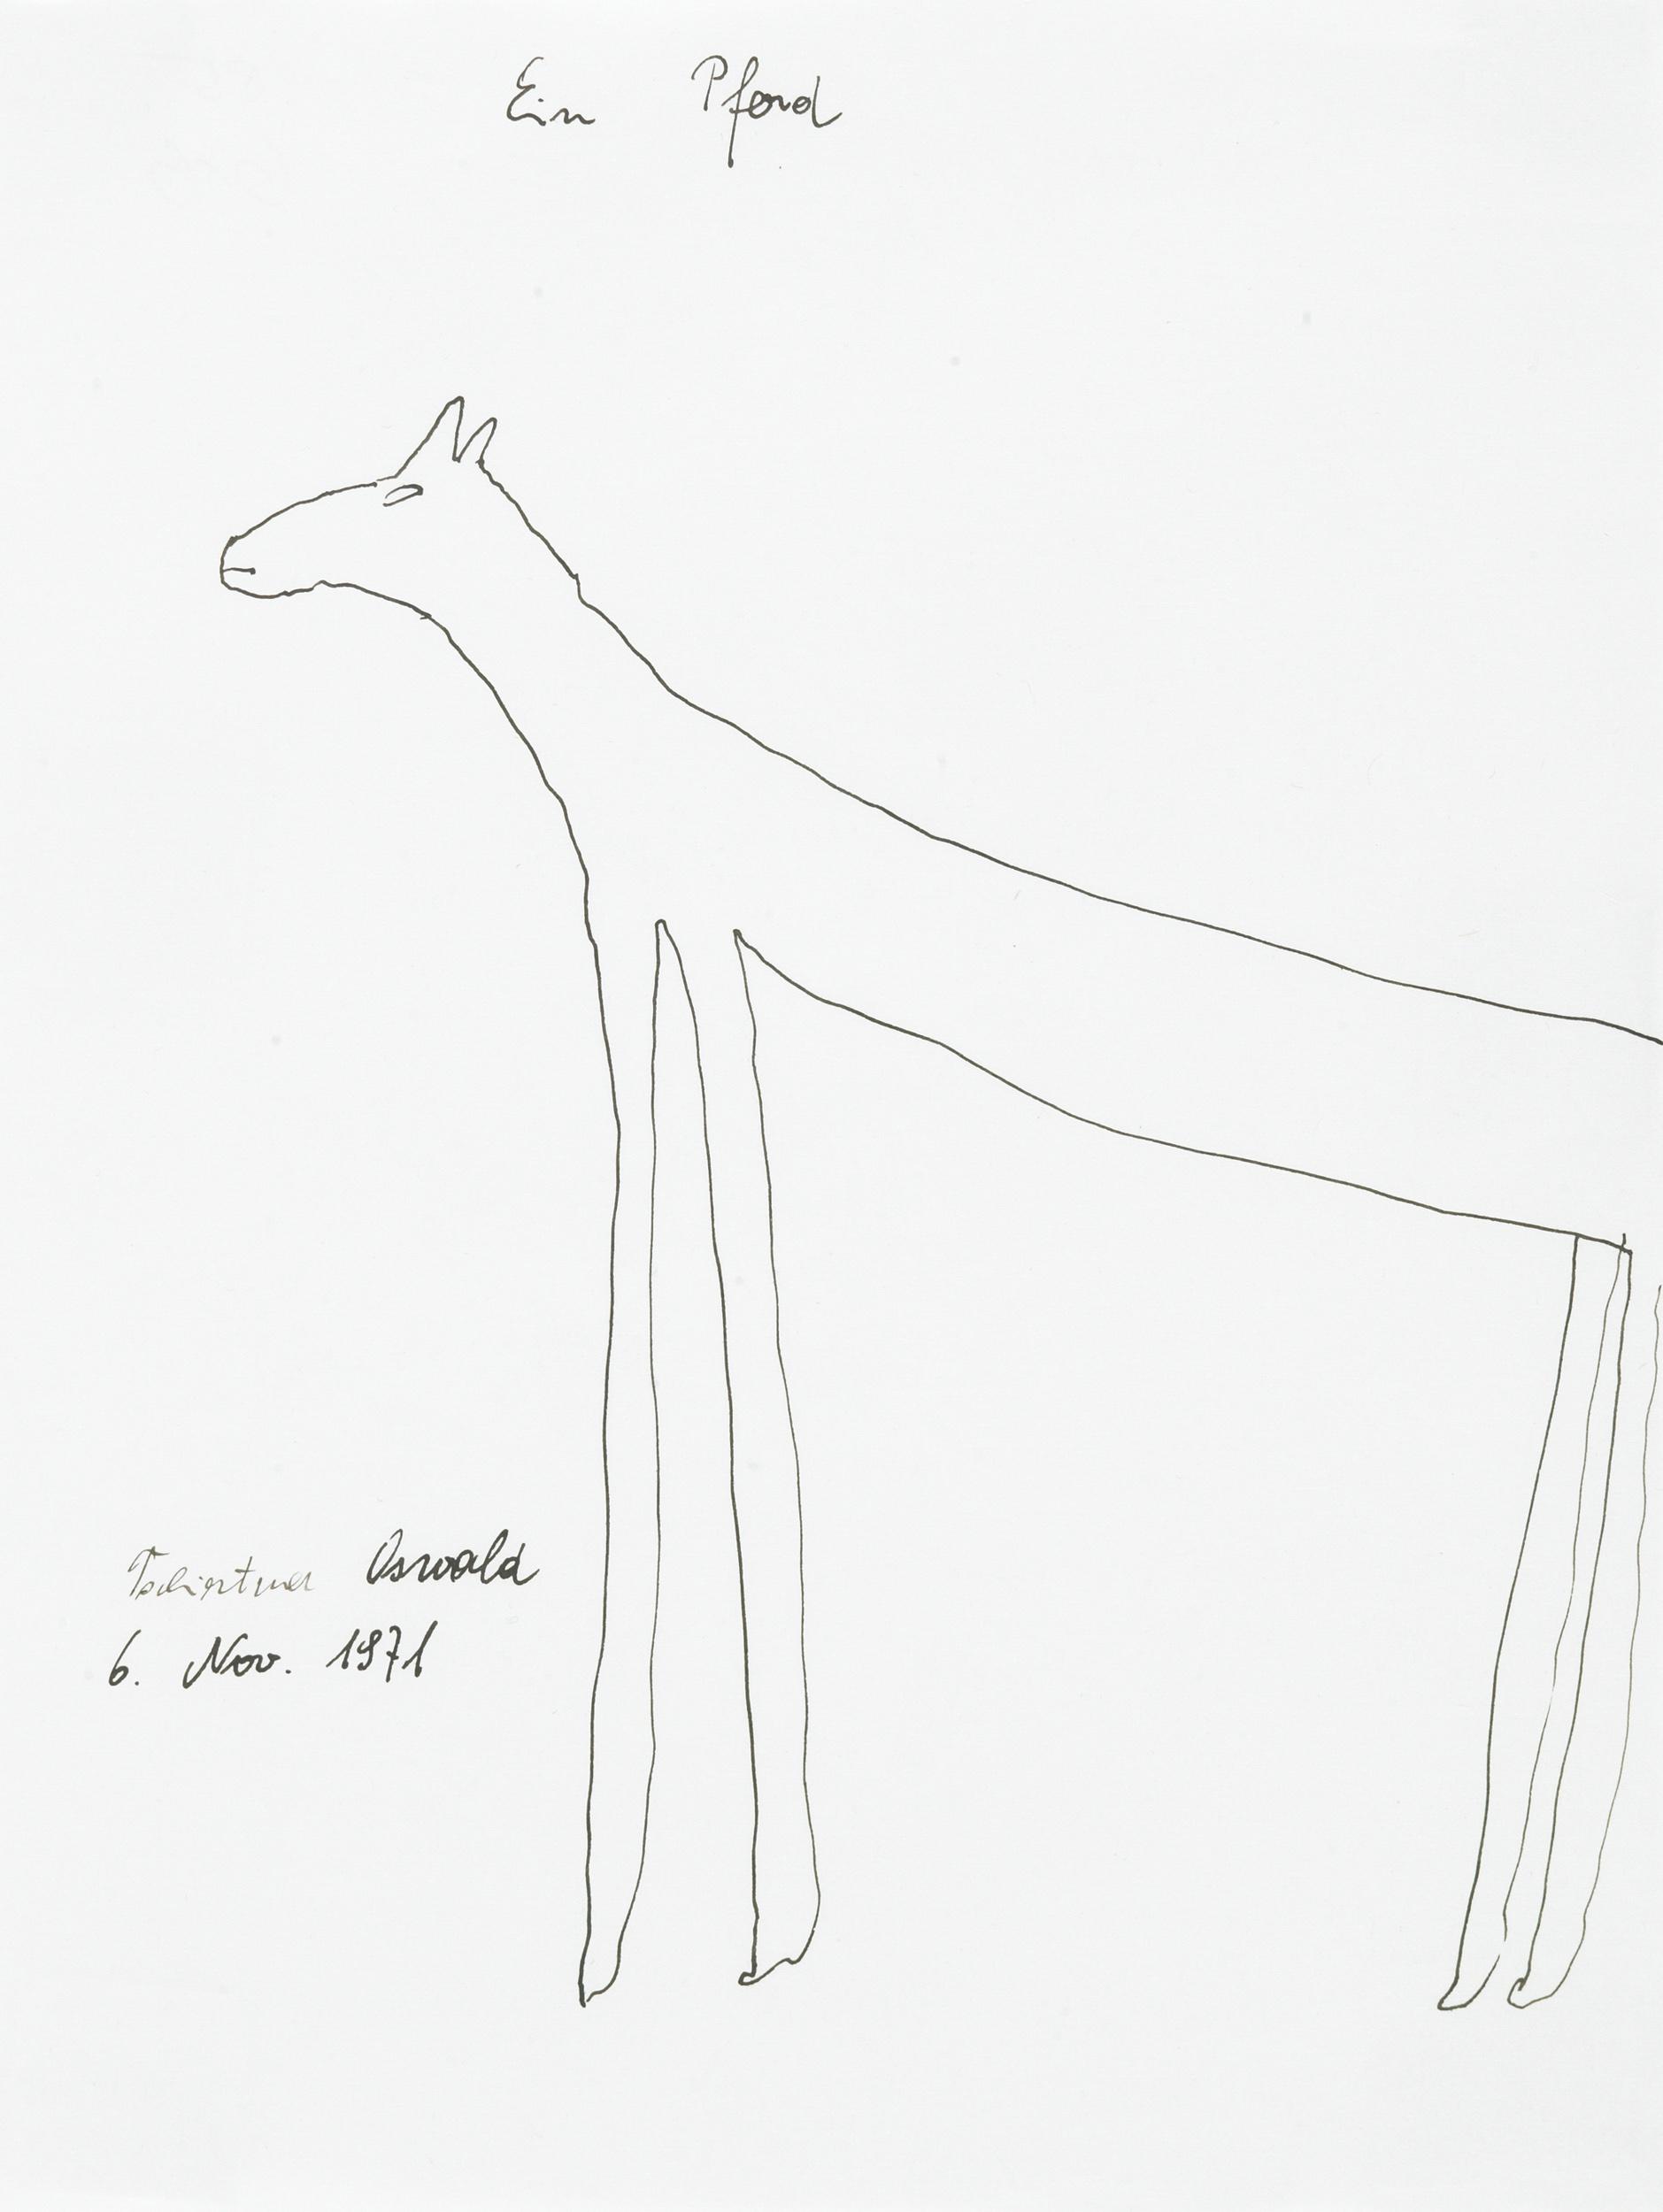 tschirtner oswald - Ein Pferd / A horse